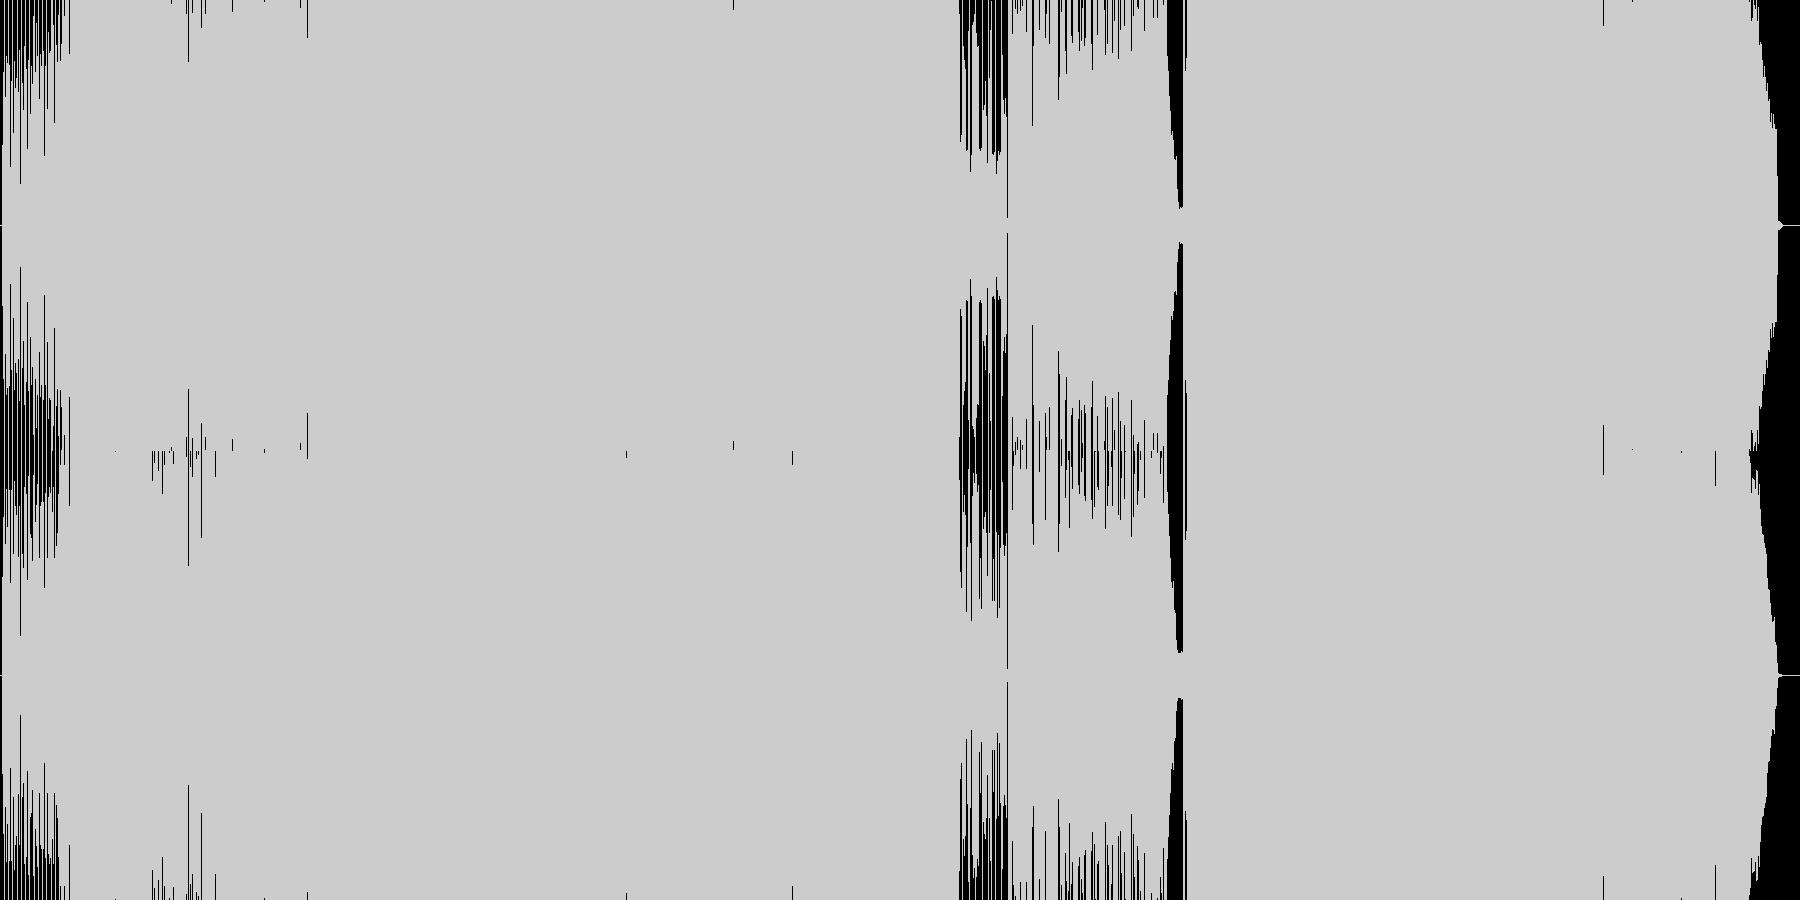 にぎやかなコミカルアップテンポの未再生の波形